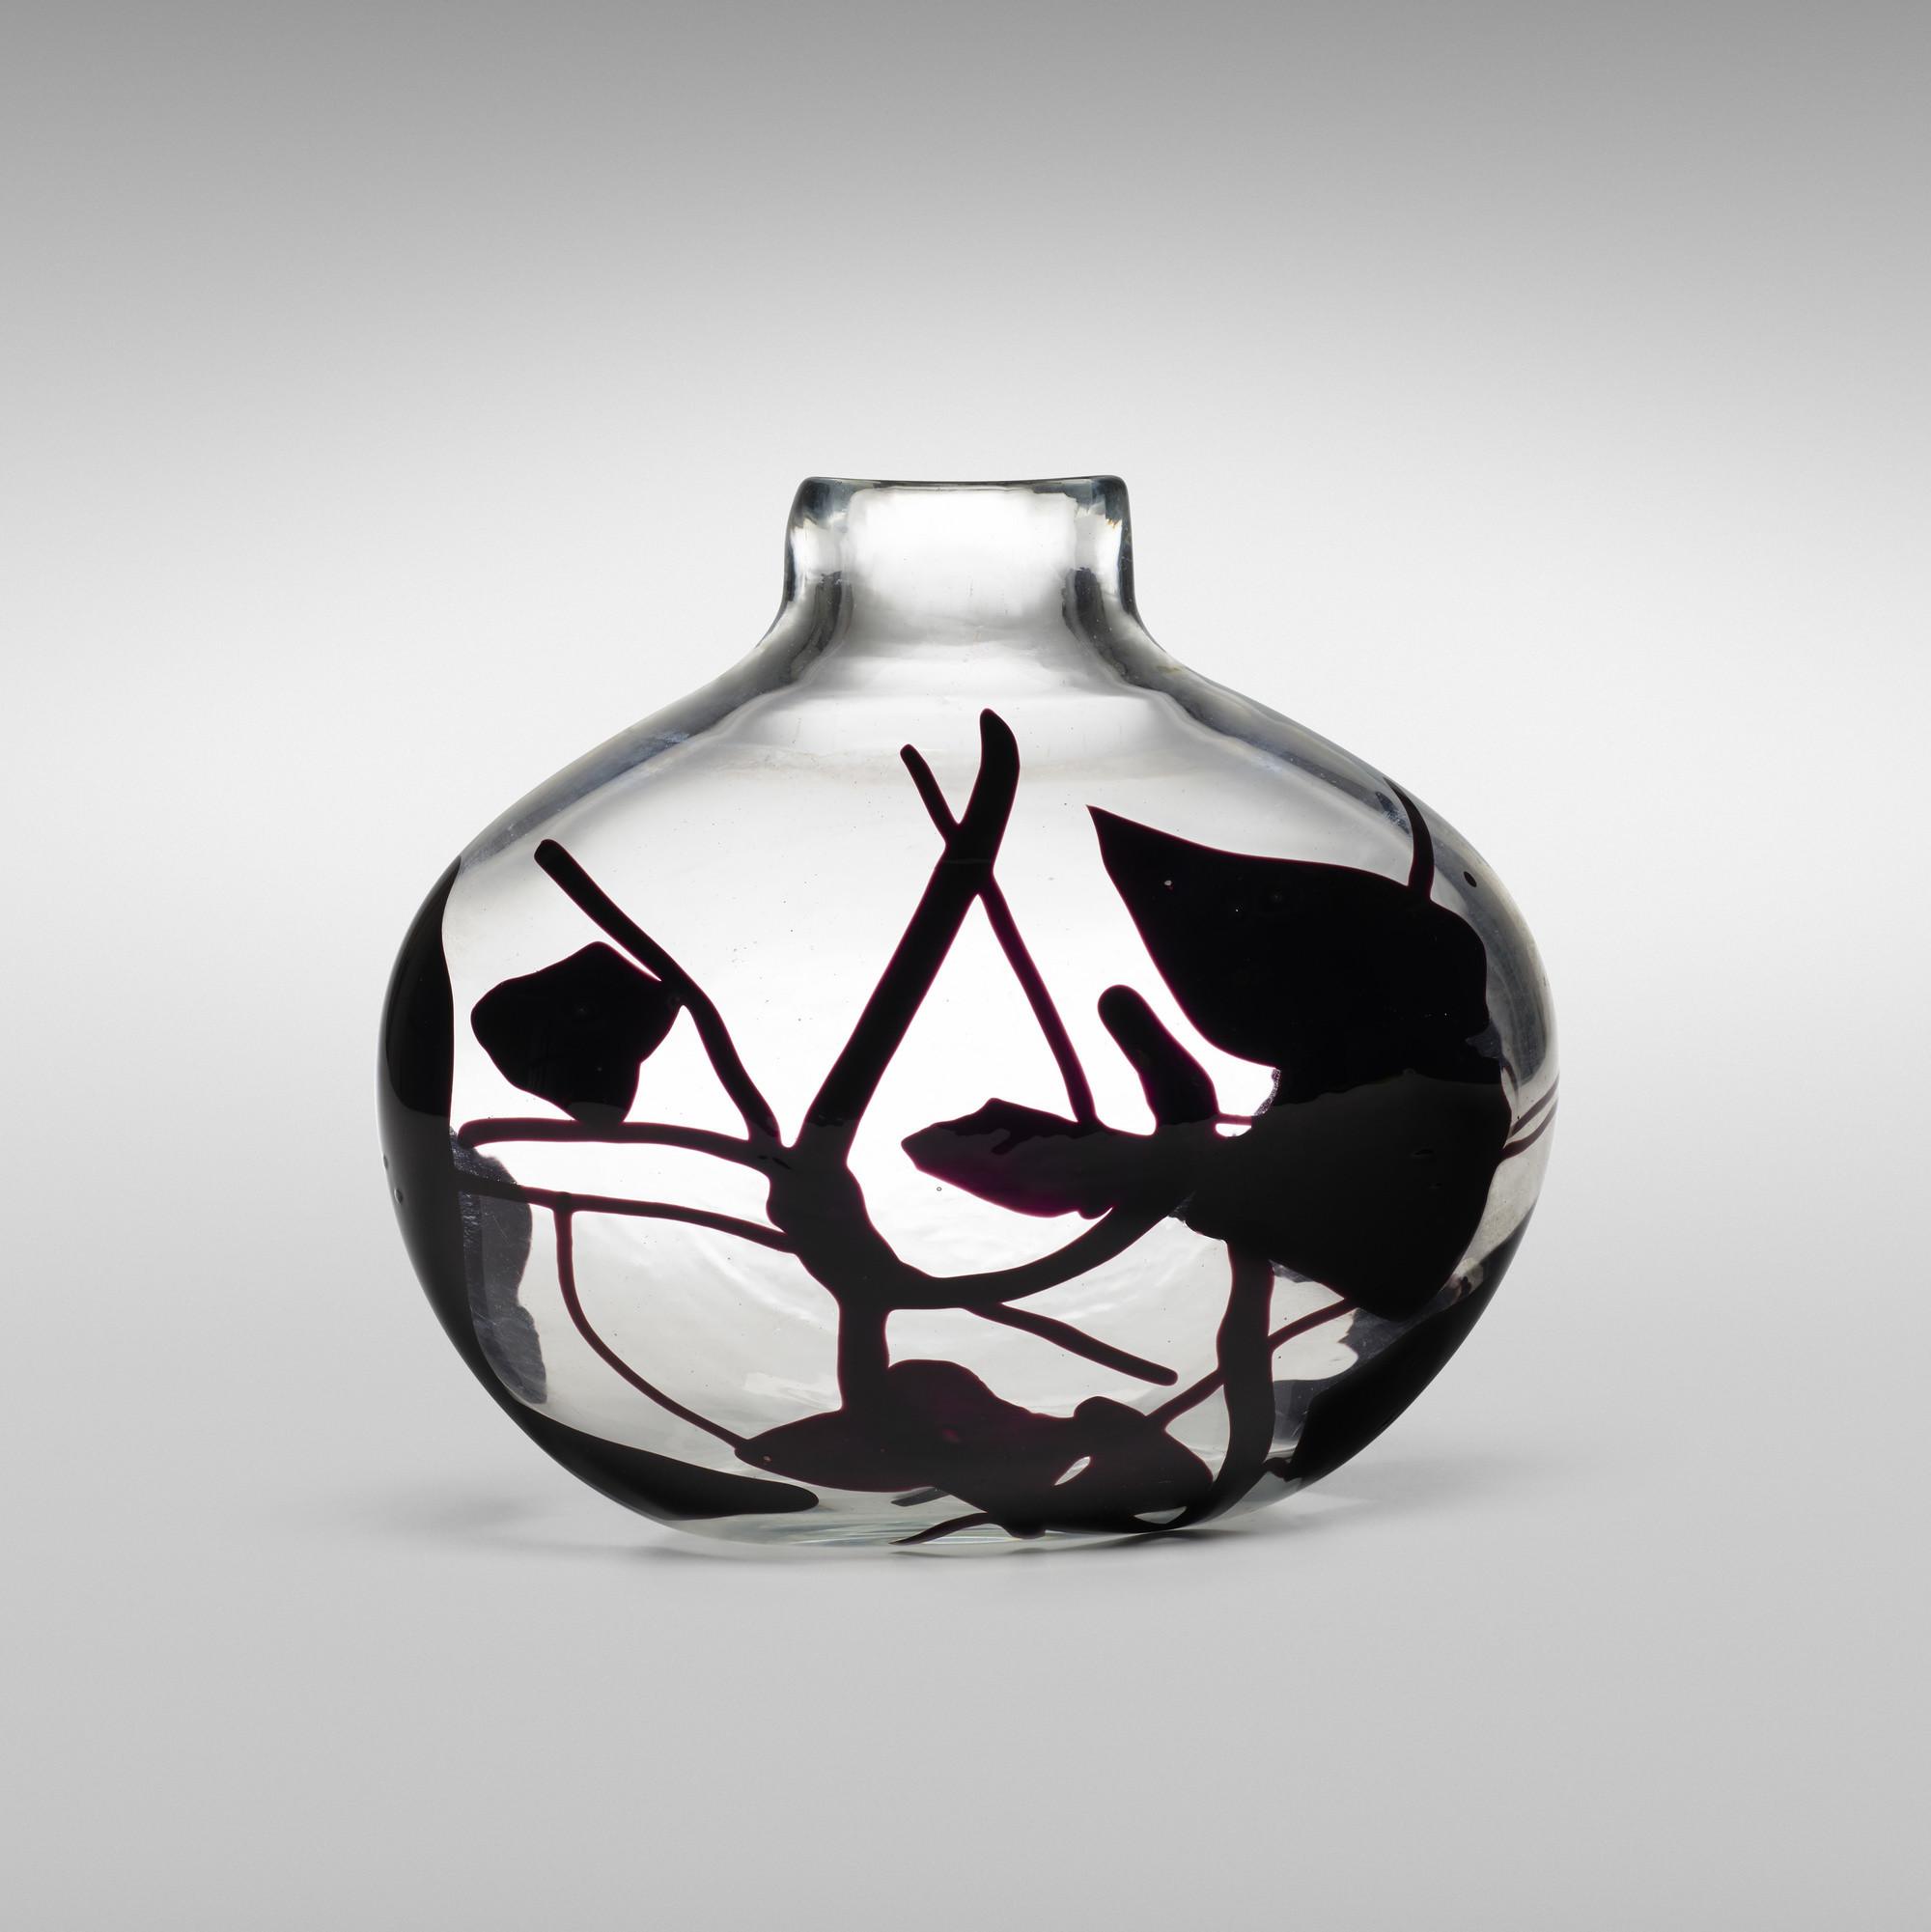 black ceramic floor vase of 139 fulvio bianconi important con macchie vase model 4324 inside 139 fulvio bianconi important con macchie vase model 4324 1 of 4